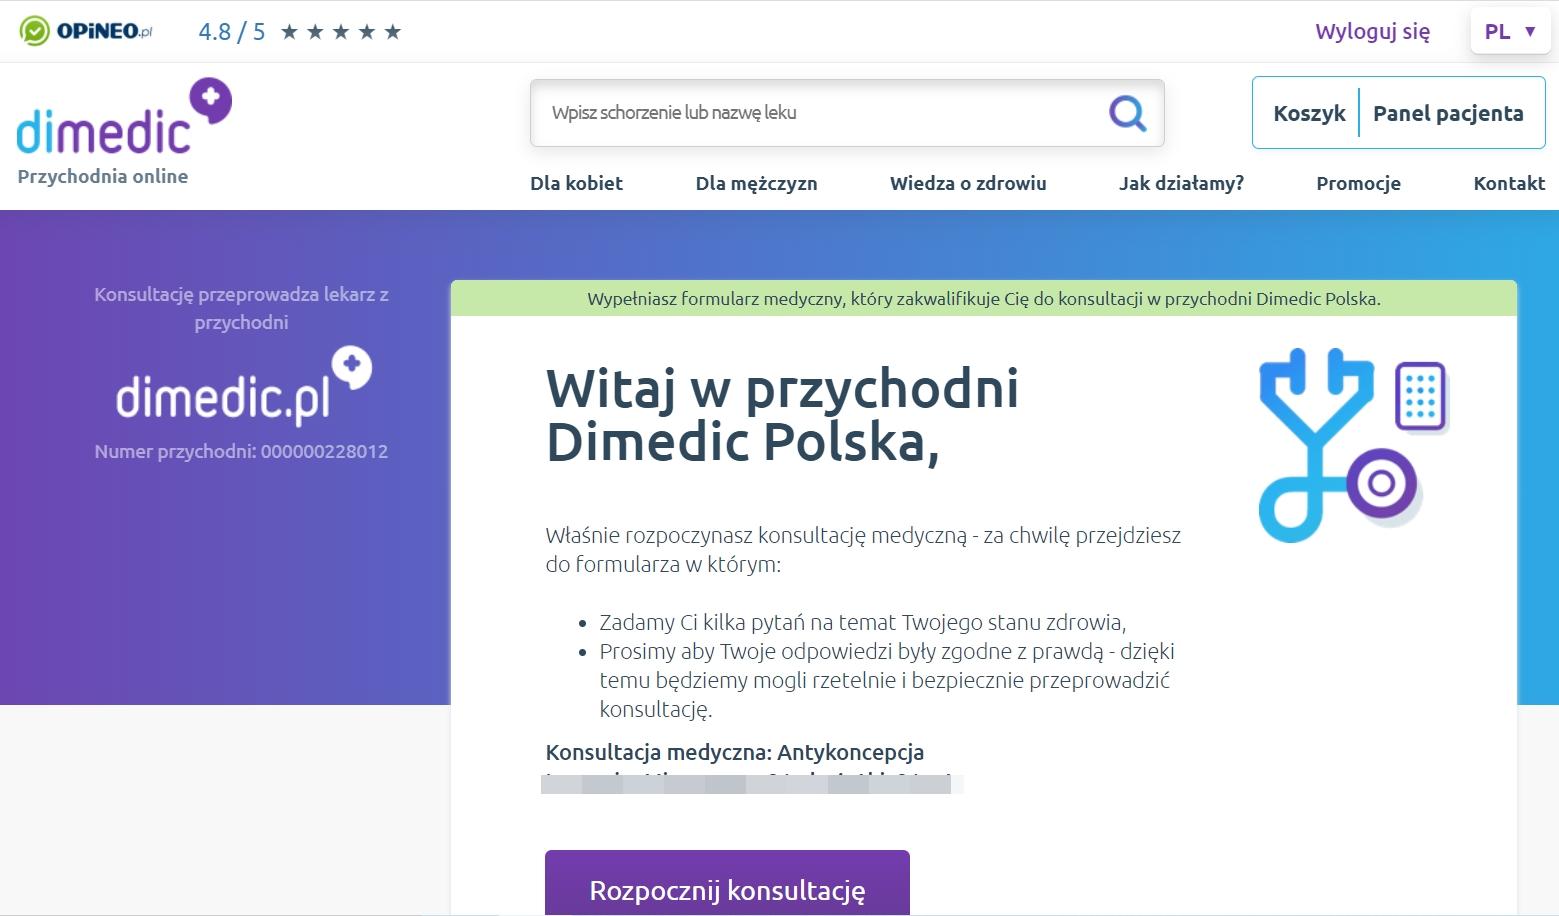 Przychodnia online DIMEDIC - odbierz e-receptę nawet w 10 minut!